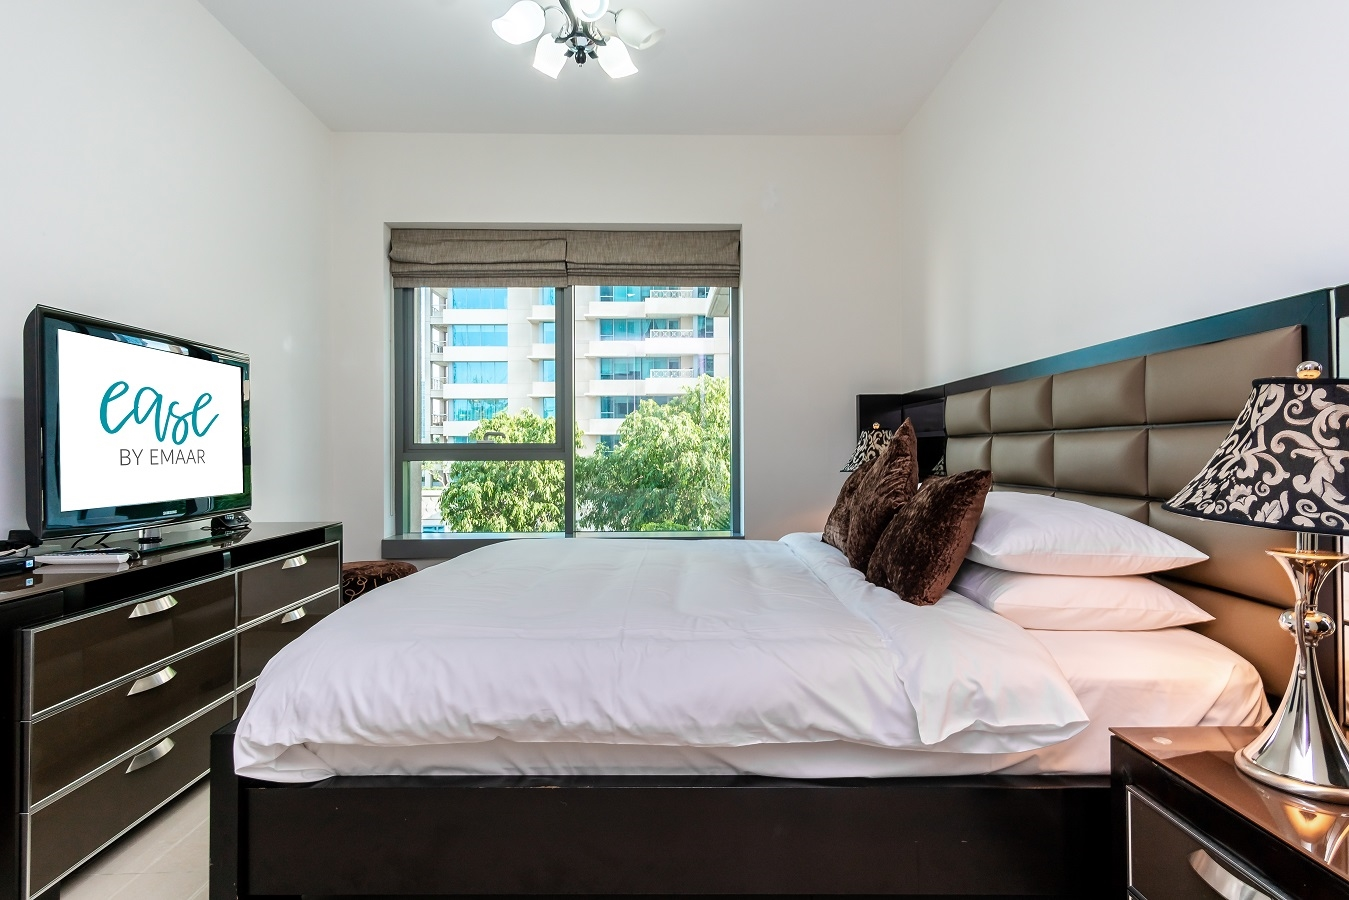 Apartment Pearl  Ease by Emaar    Elegant   Two Bedroom     photo 16687217